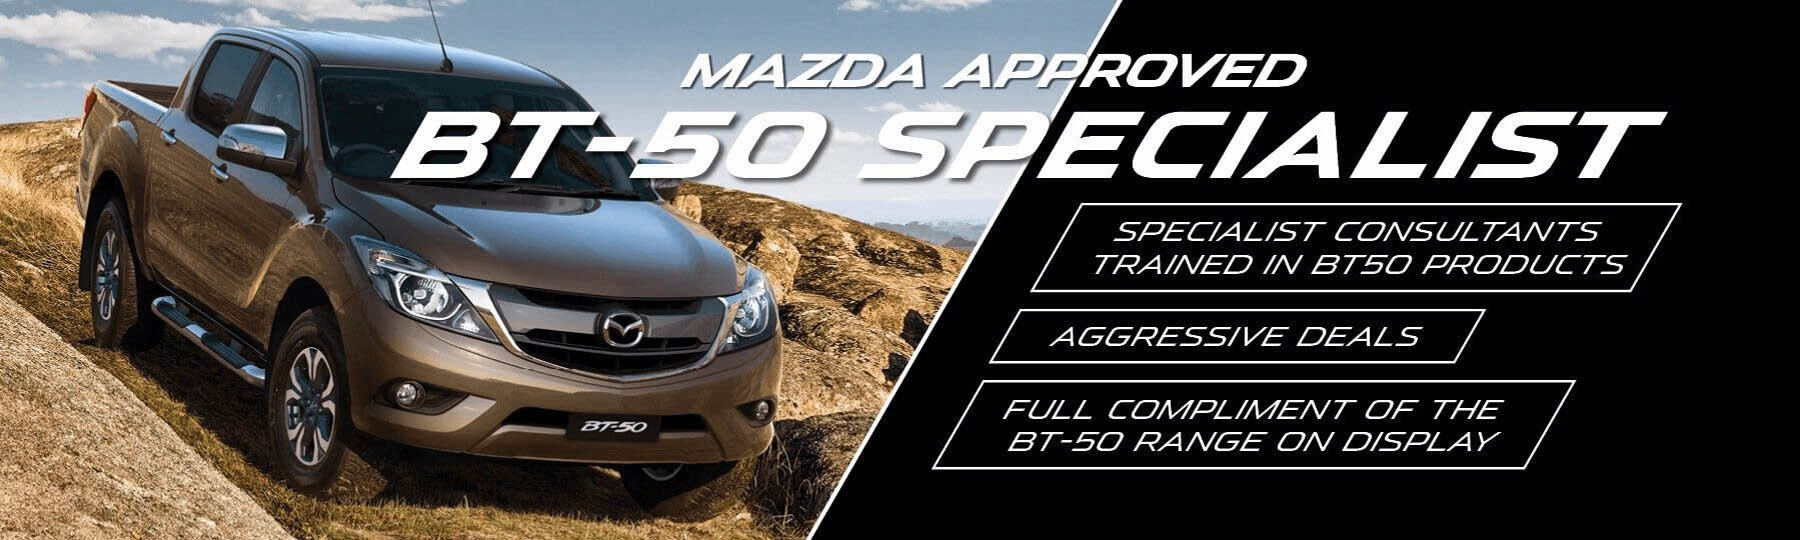 Mazda BT-50 Specialist